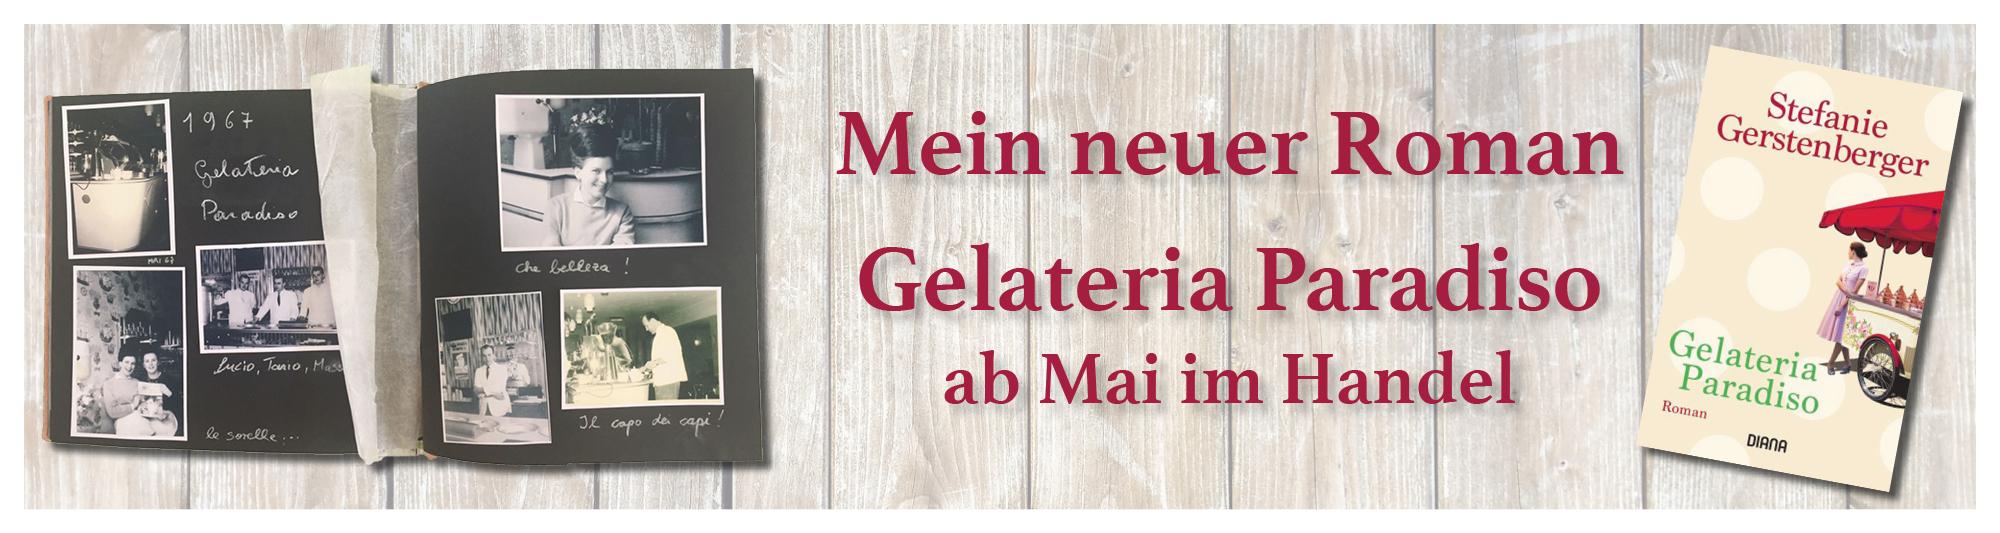 Ankündigung der Erscheinung des Romans Gelateria Paradiso von Stefanie Gerstenberger